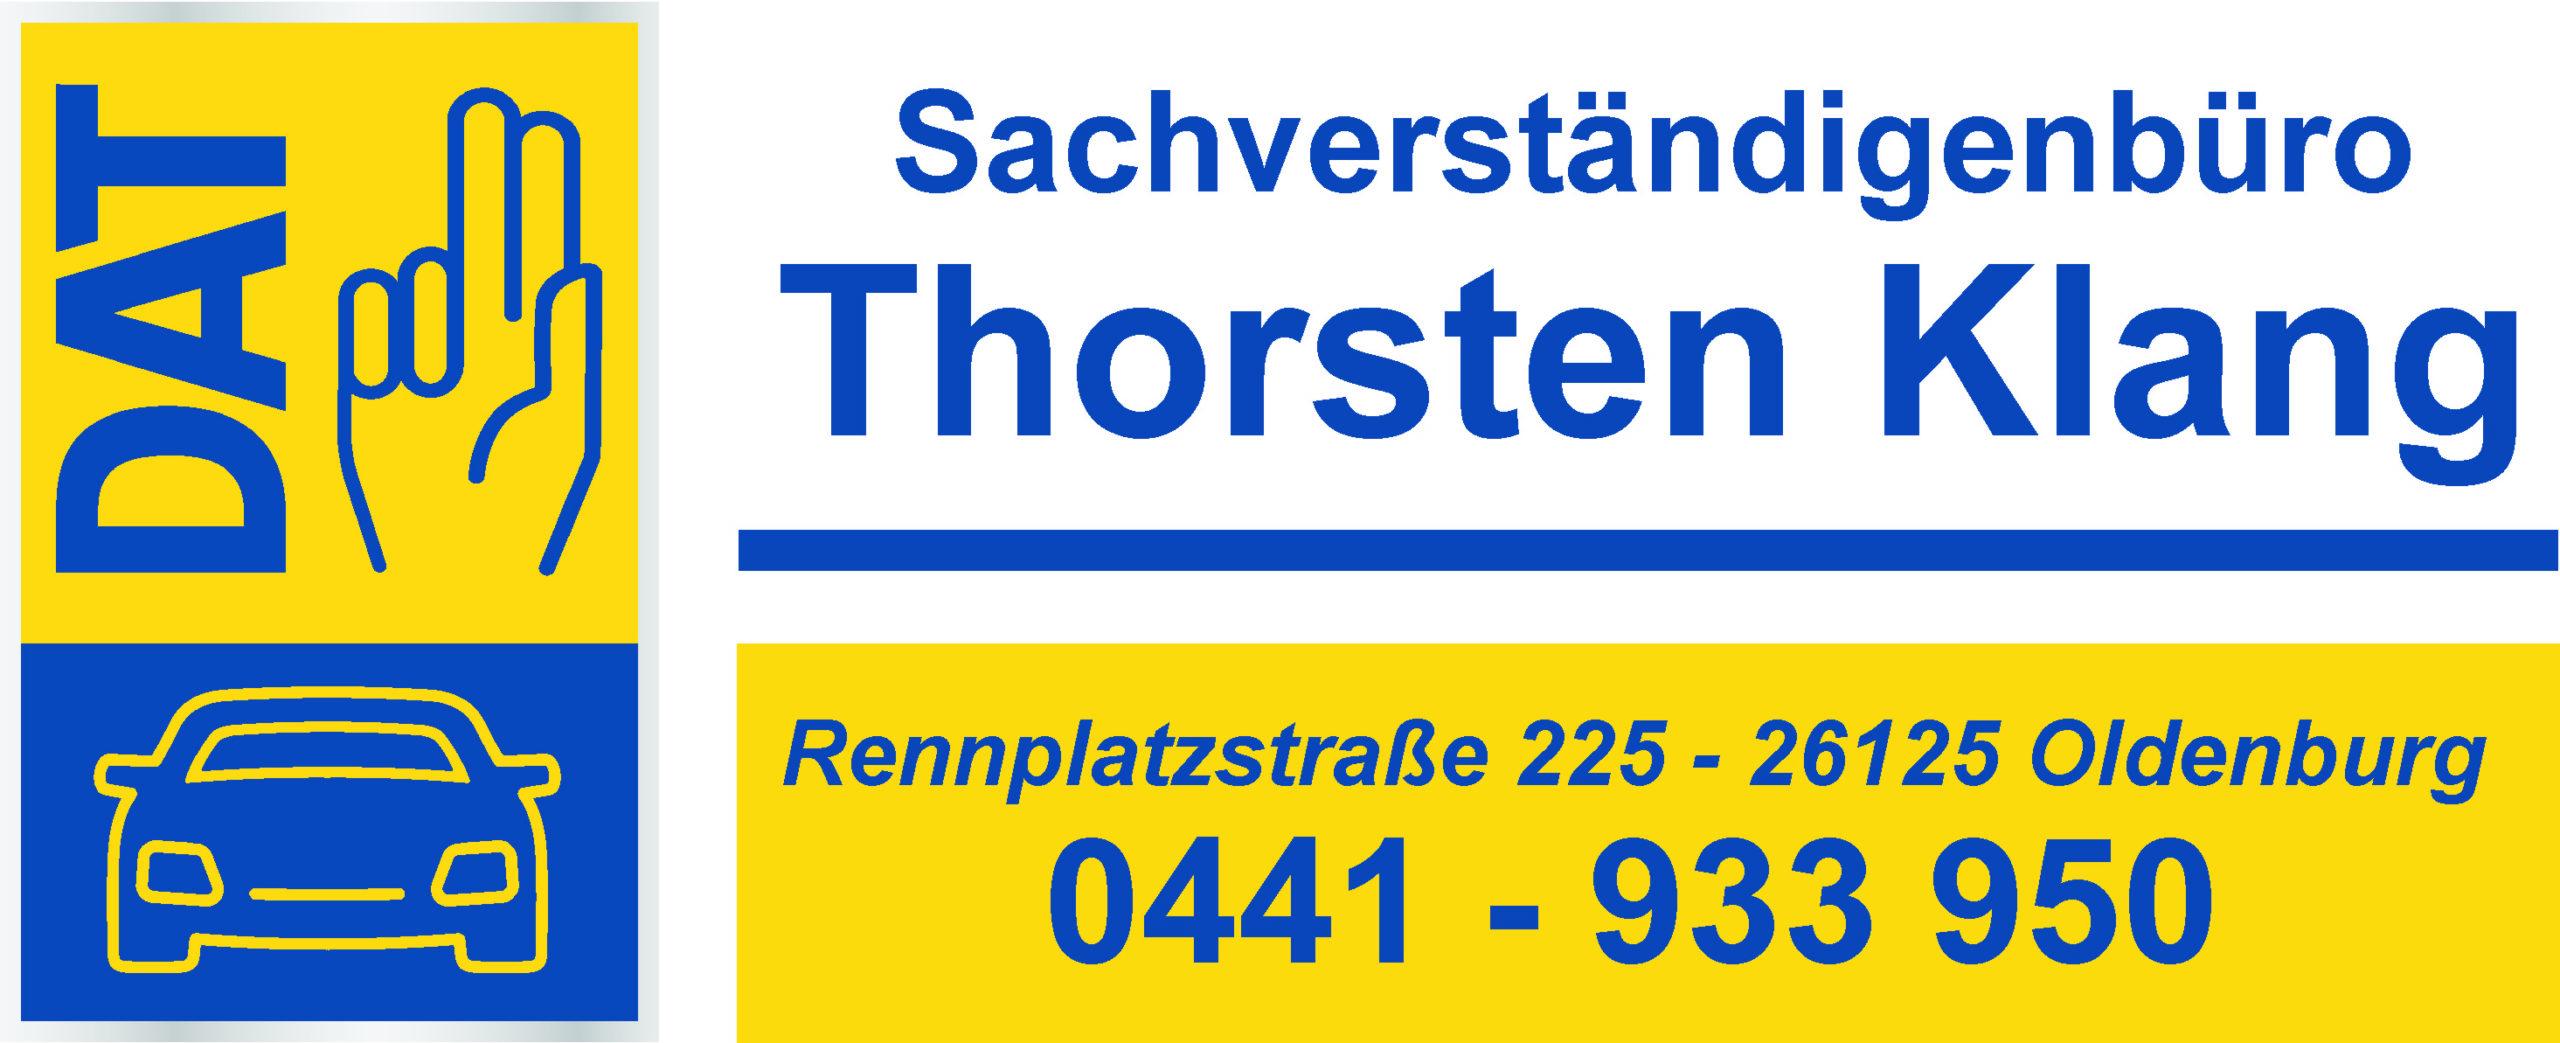 https://vfb-oldenburg.de/wp-content/uploads/2020/11/Thorsten-Klang.jpg